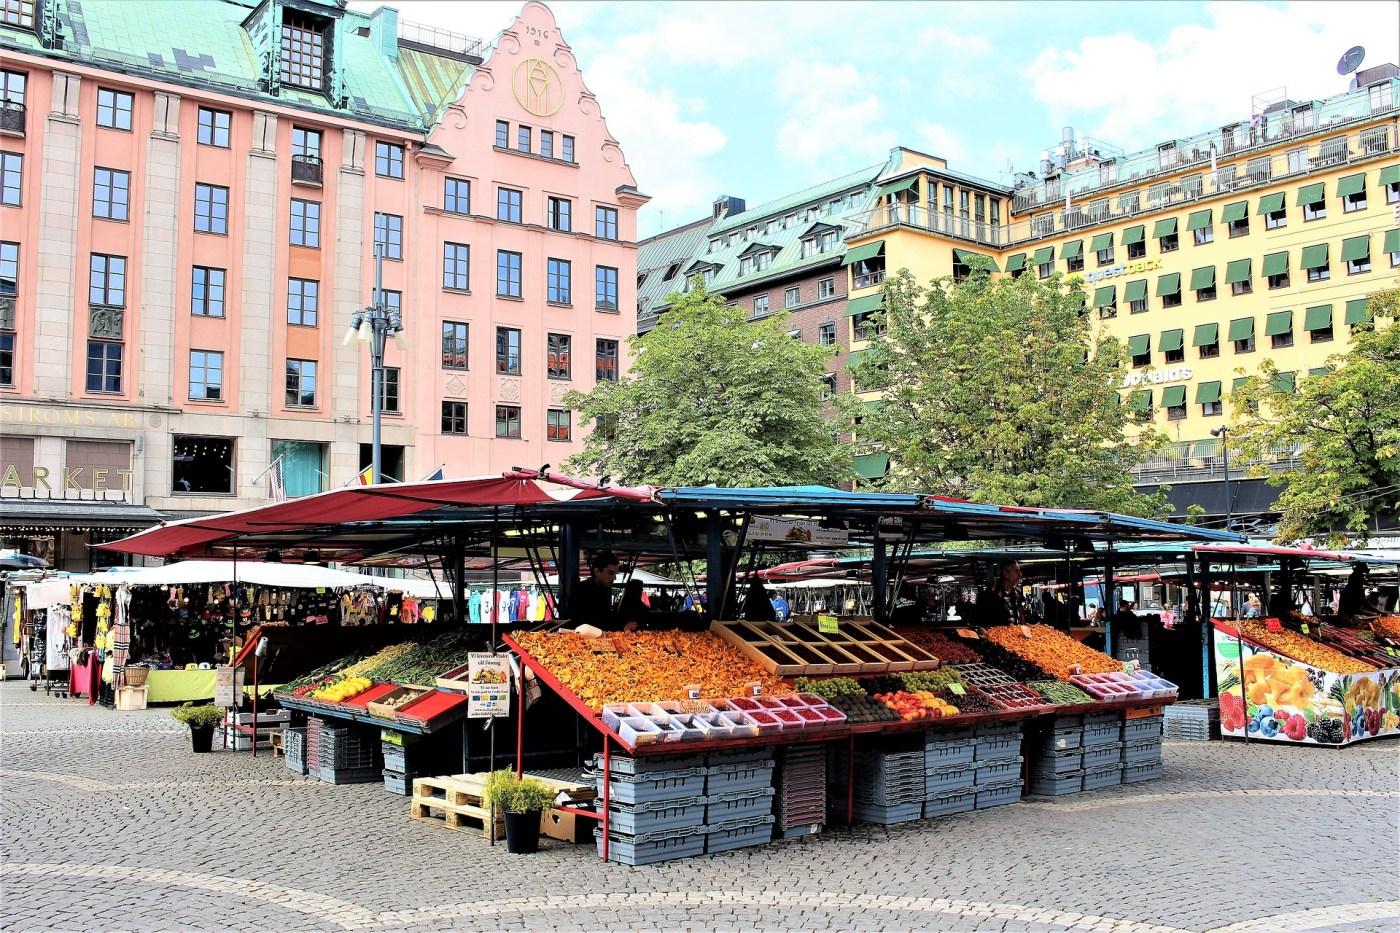 Comprar casa em Estocolmo